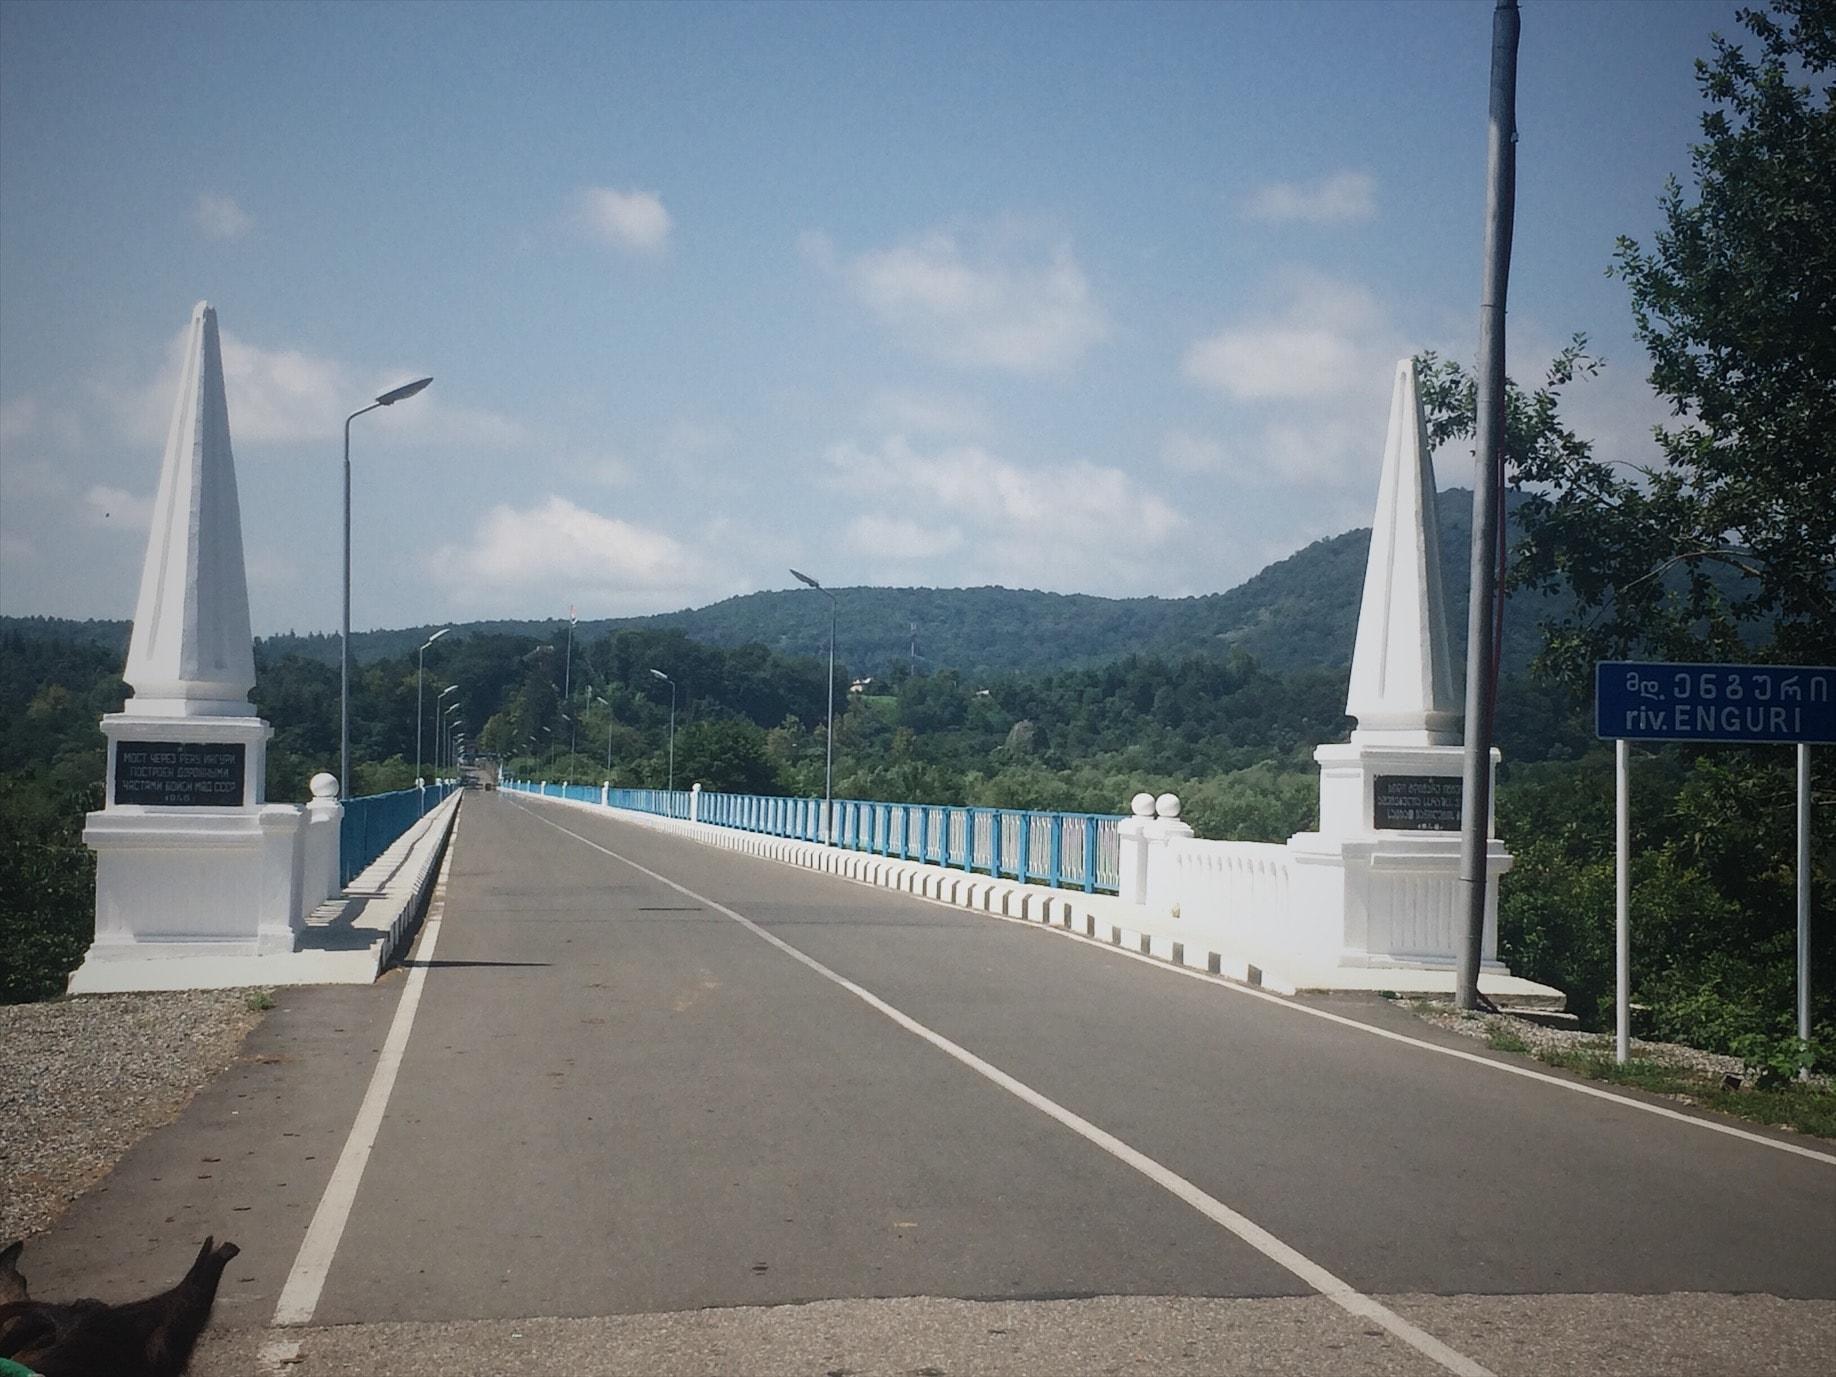 Inguri Border 4 #новости Абхазия, Анри Атейба, российская оккупация в Грузии